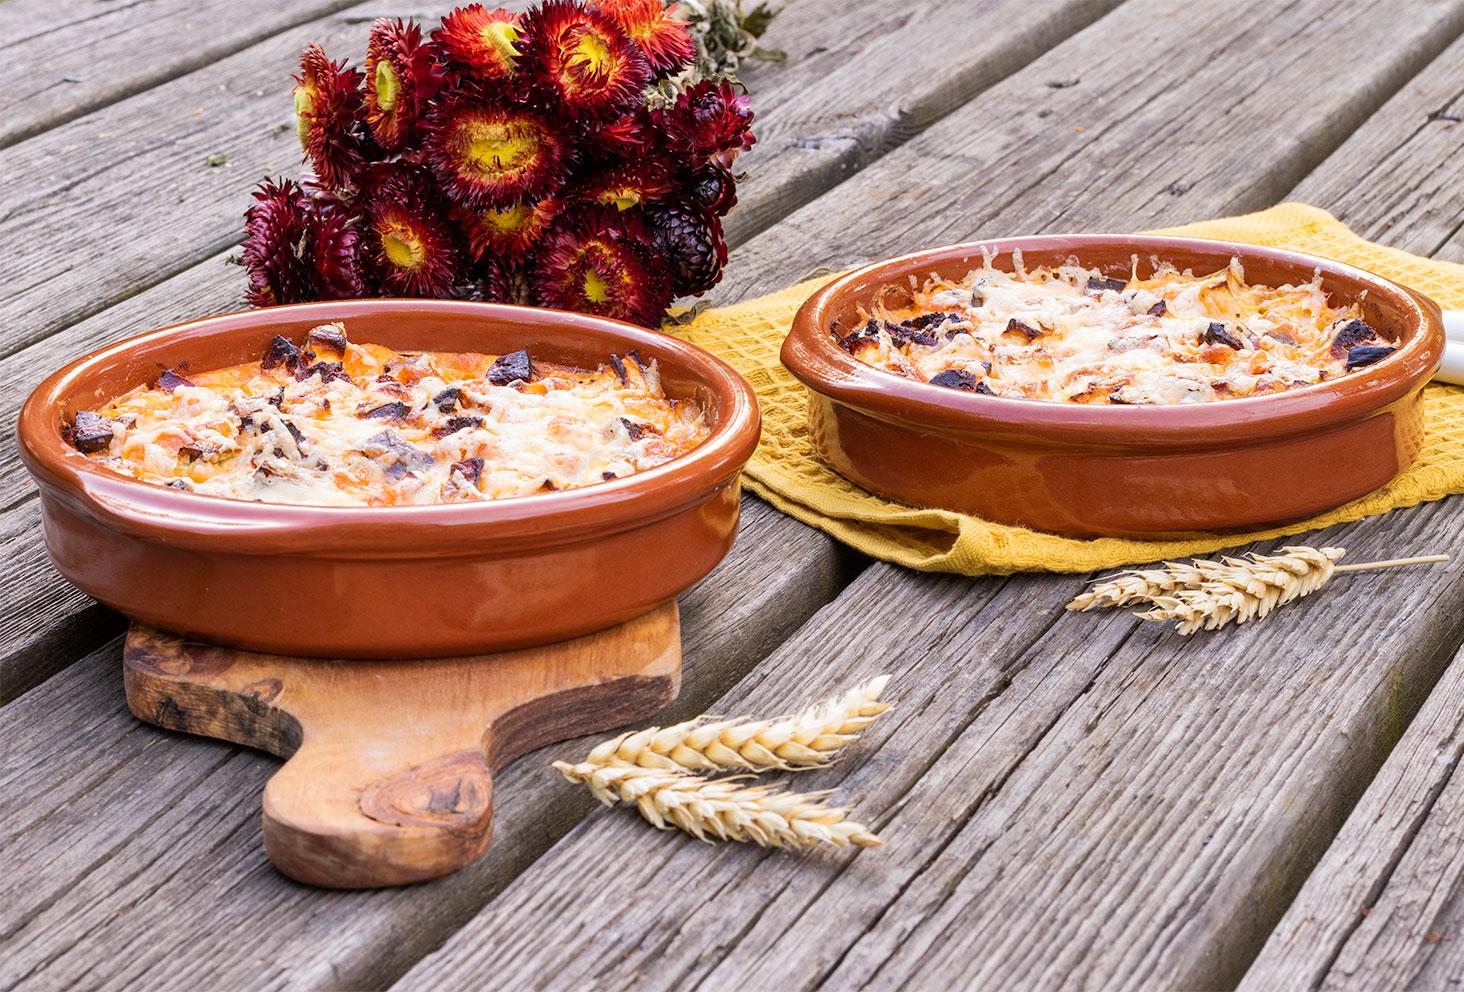 Les clafoutis salés aubergine et chorizo posé sur un torchon jaune moutarde et sur une planche à découper, sur une table en bois au milieu d'épis de blé et de fleurs séchées